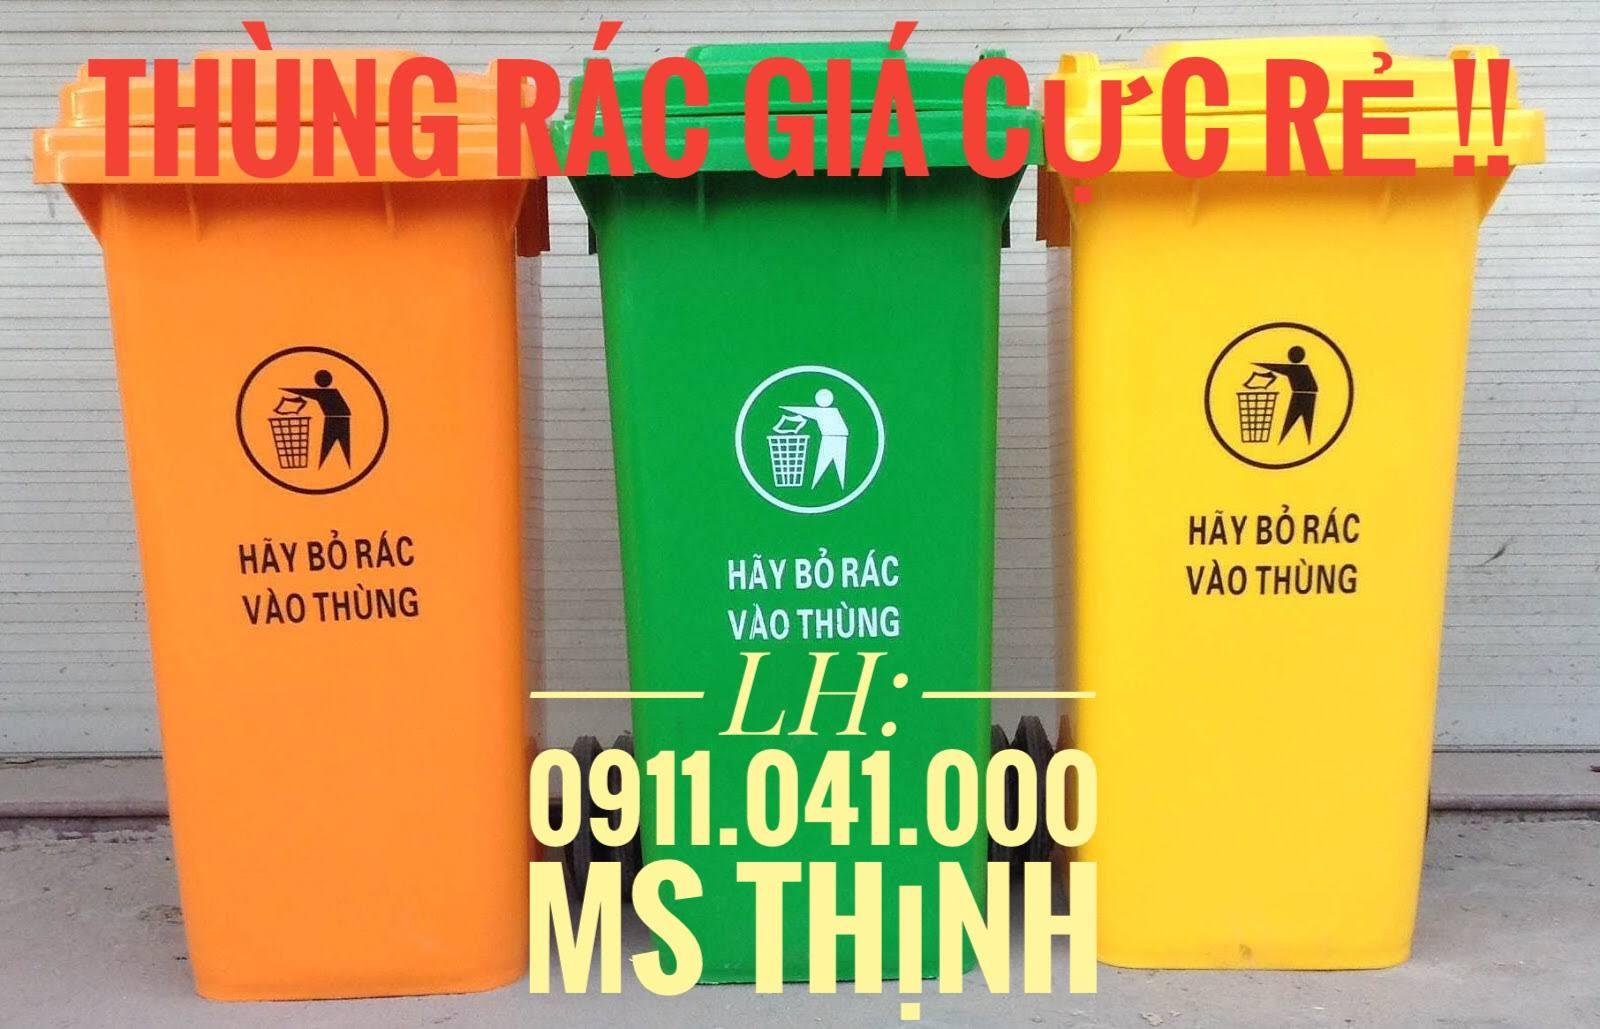 Cung cấp thùng rác nhựa HDPE giá rẻ - 0911041000